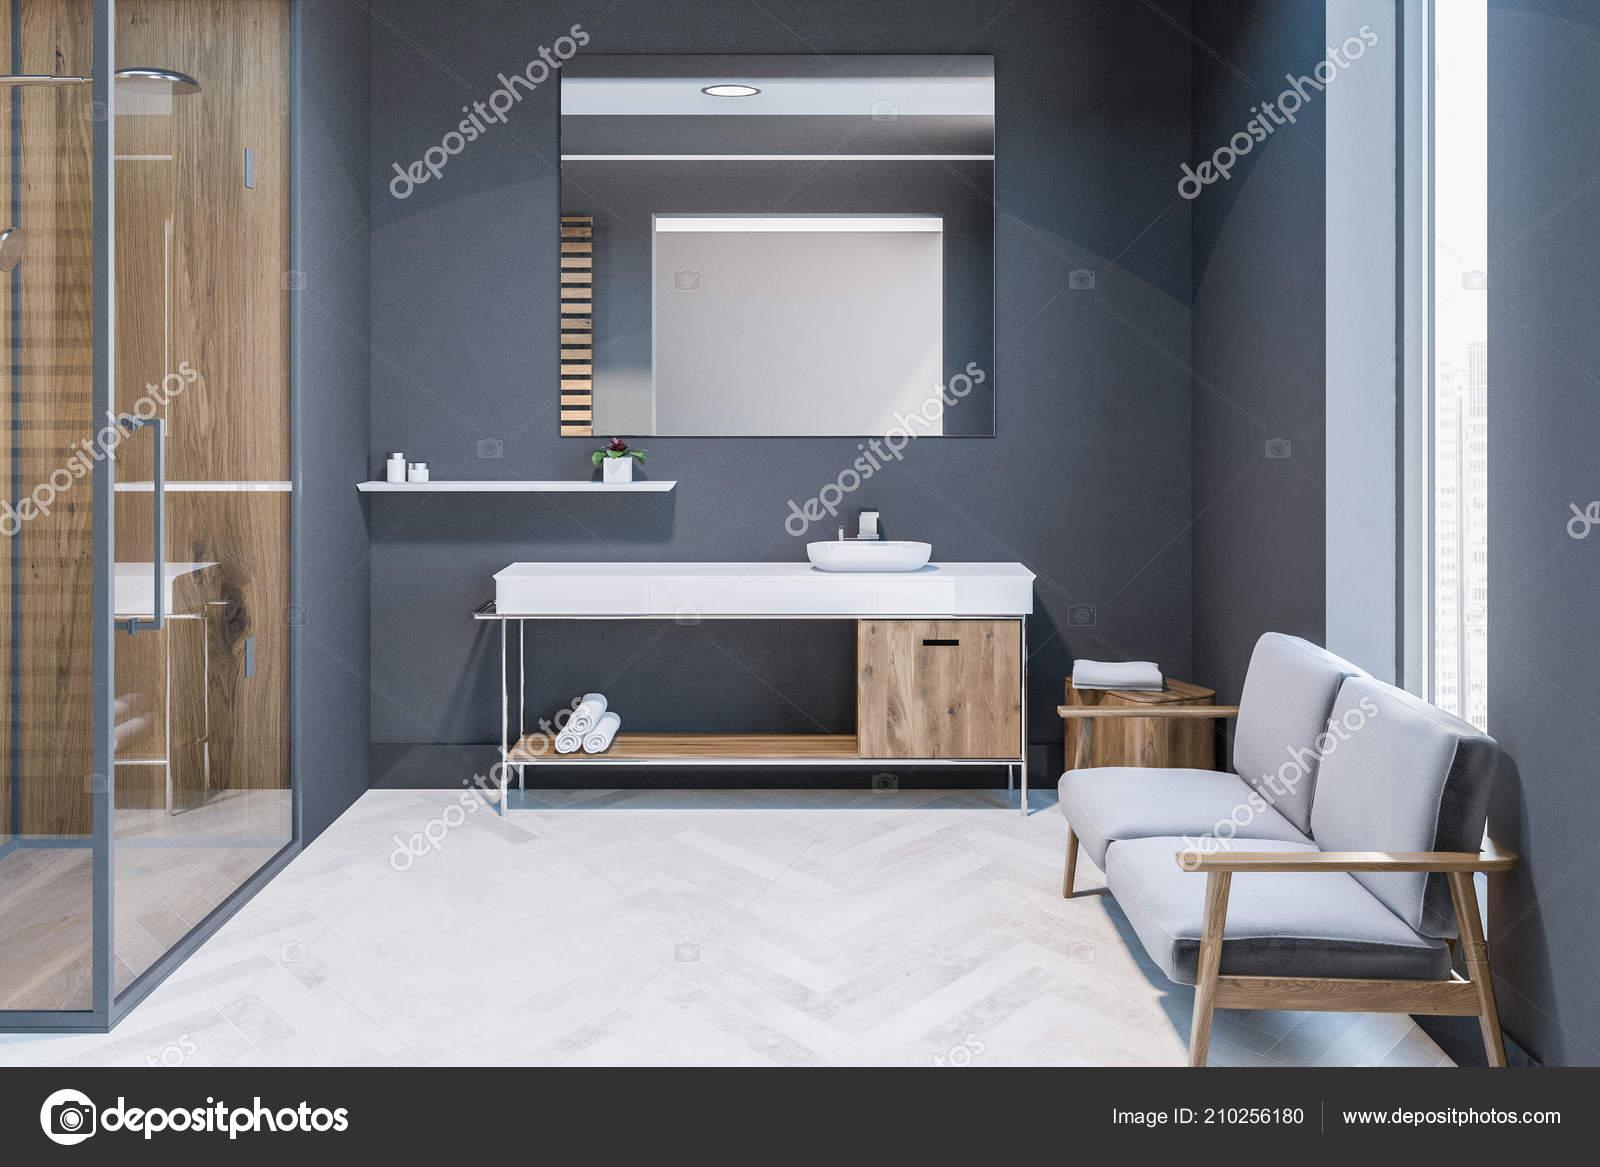 Moderne Graue Wand Badezimmer Interieur Mit Weissen Holzboden